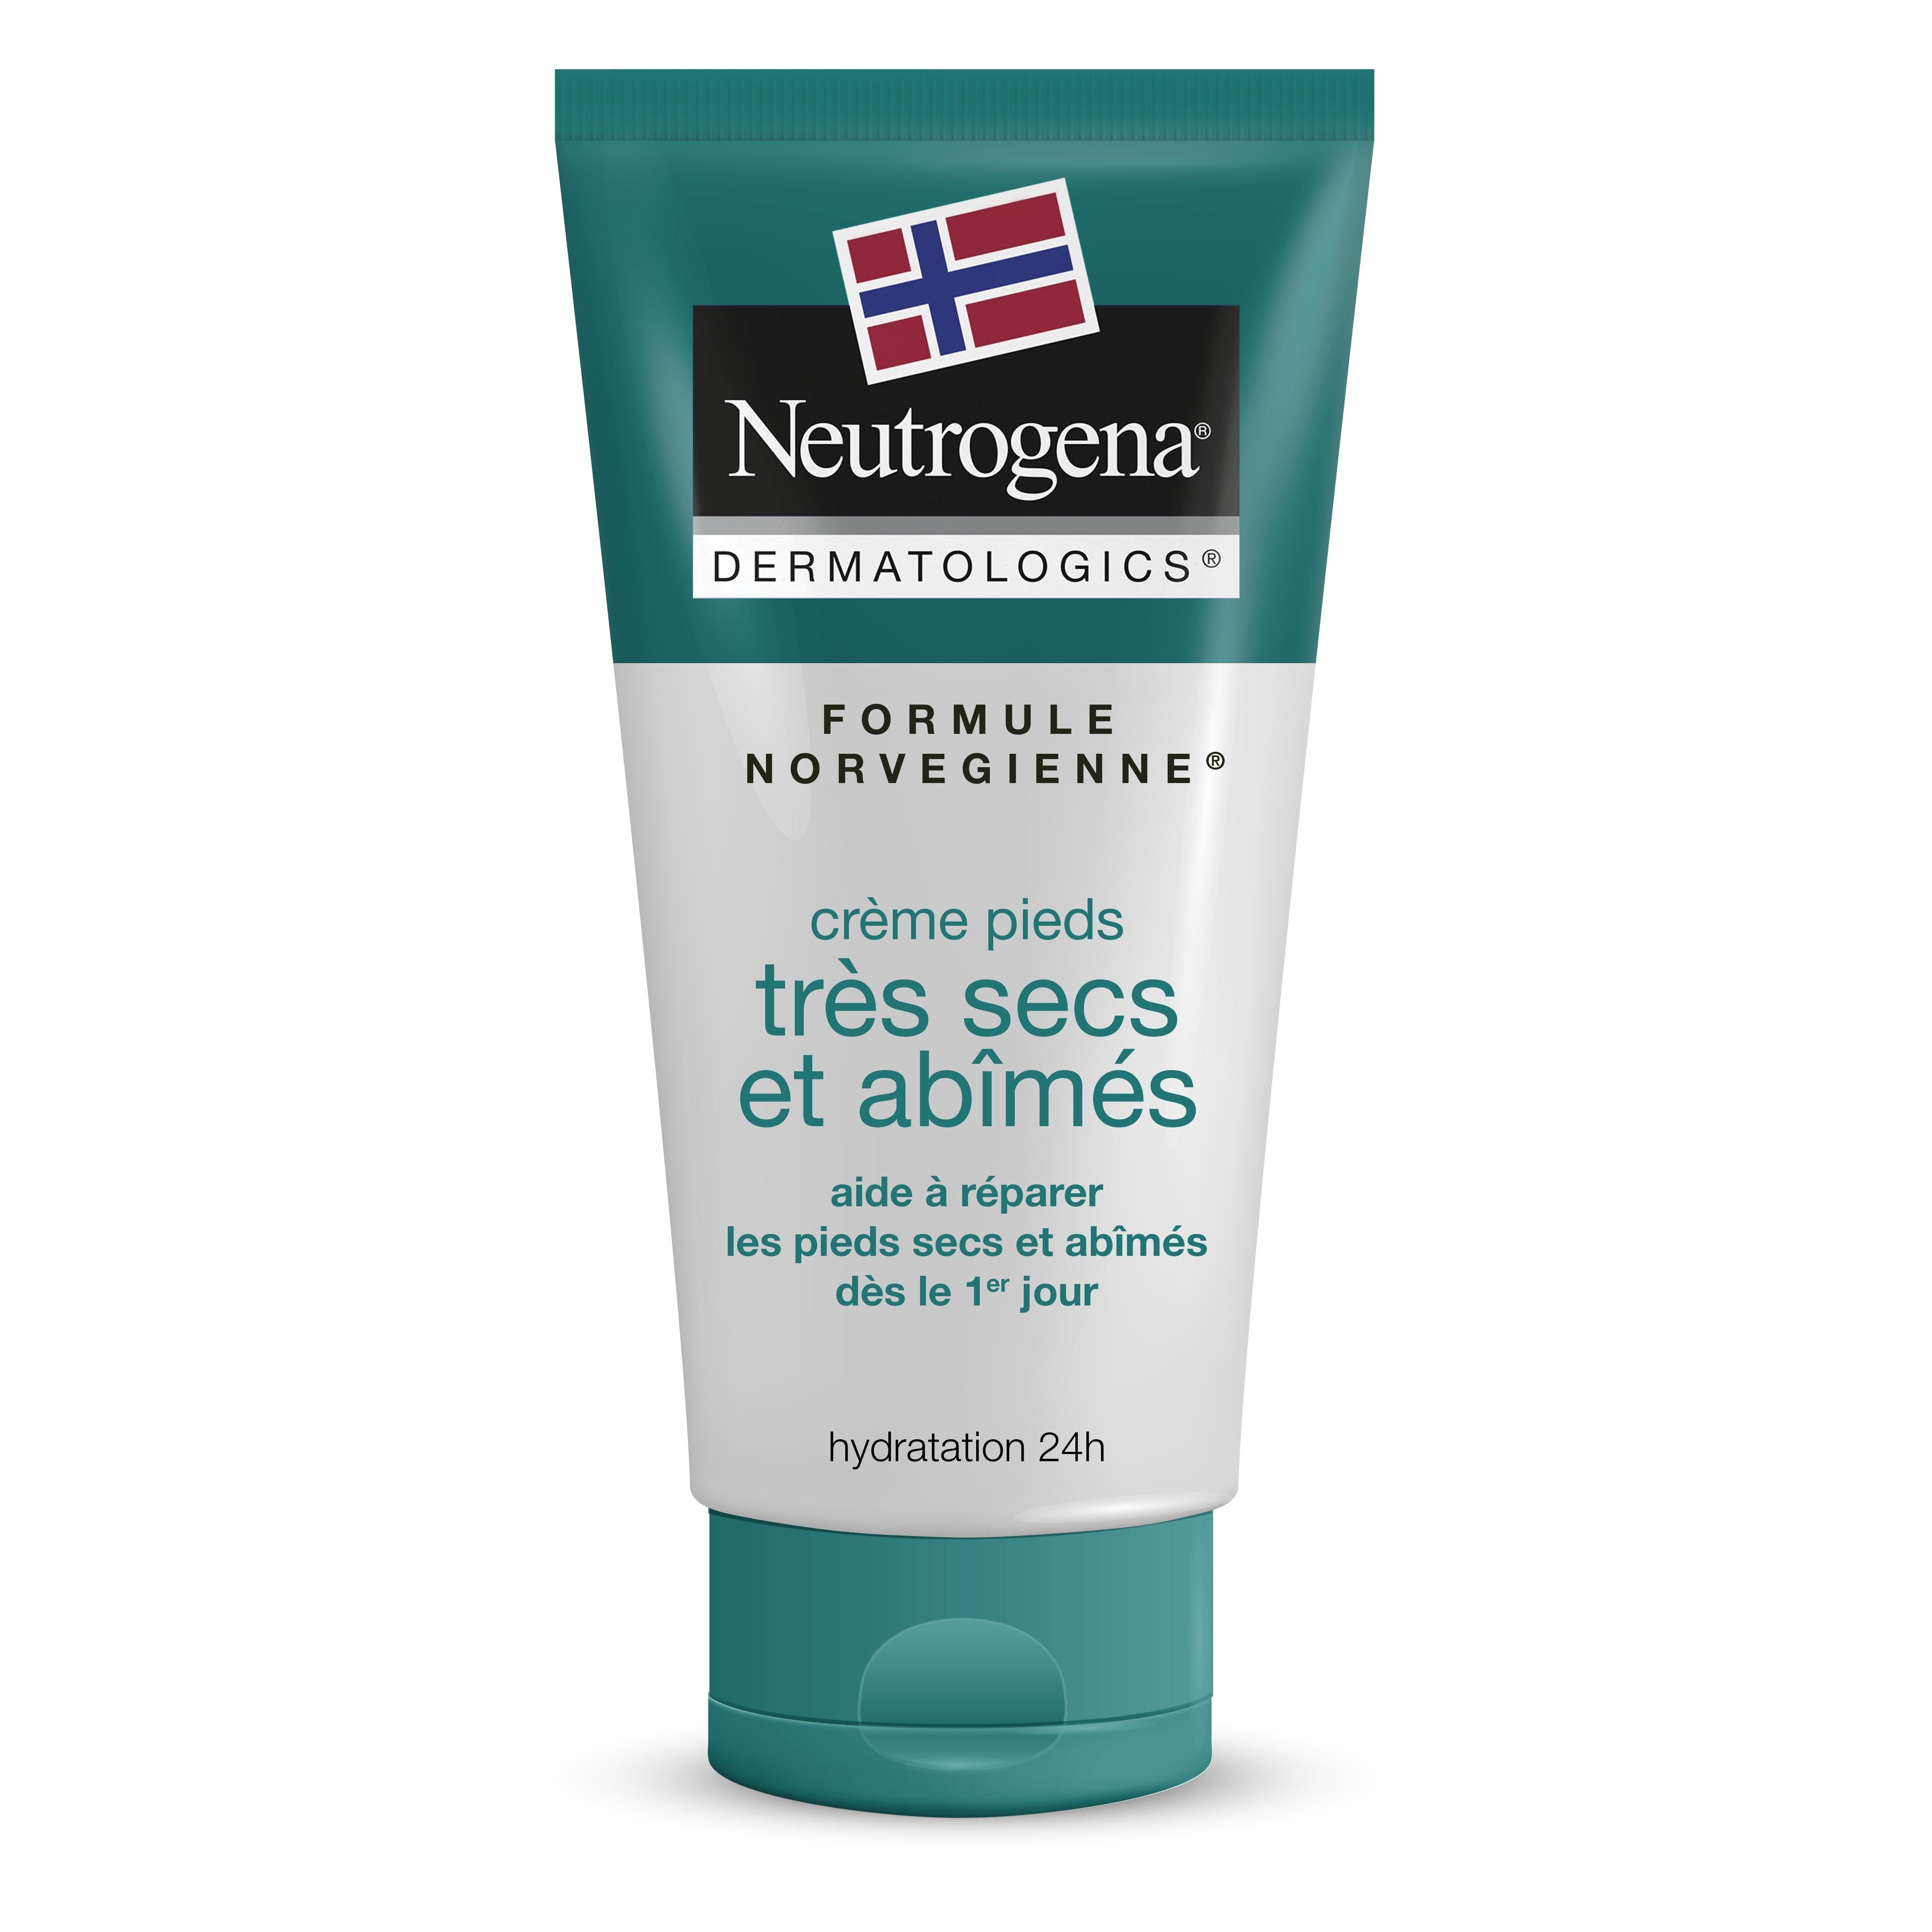 Image of Neutrogena Crème pieds très secs et abîmés